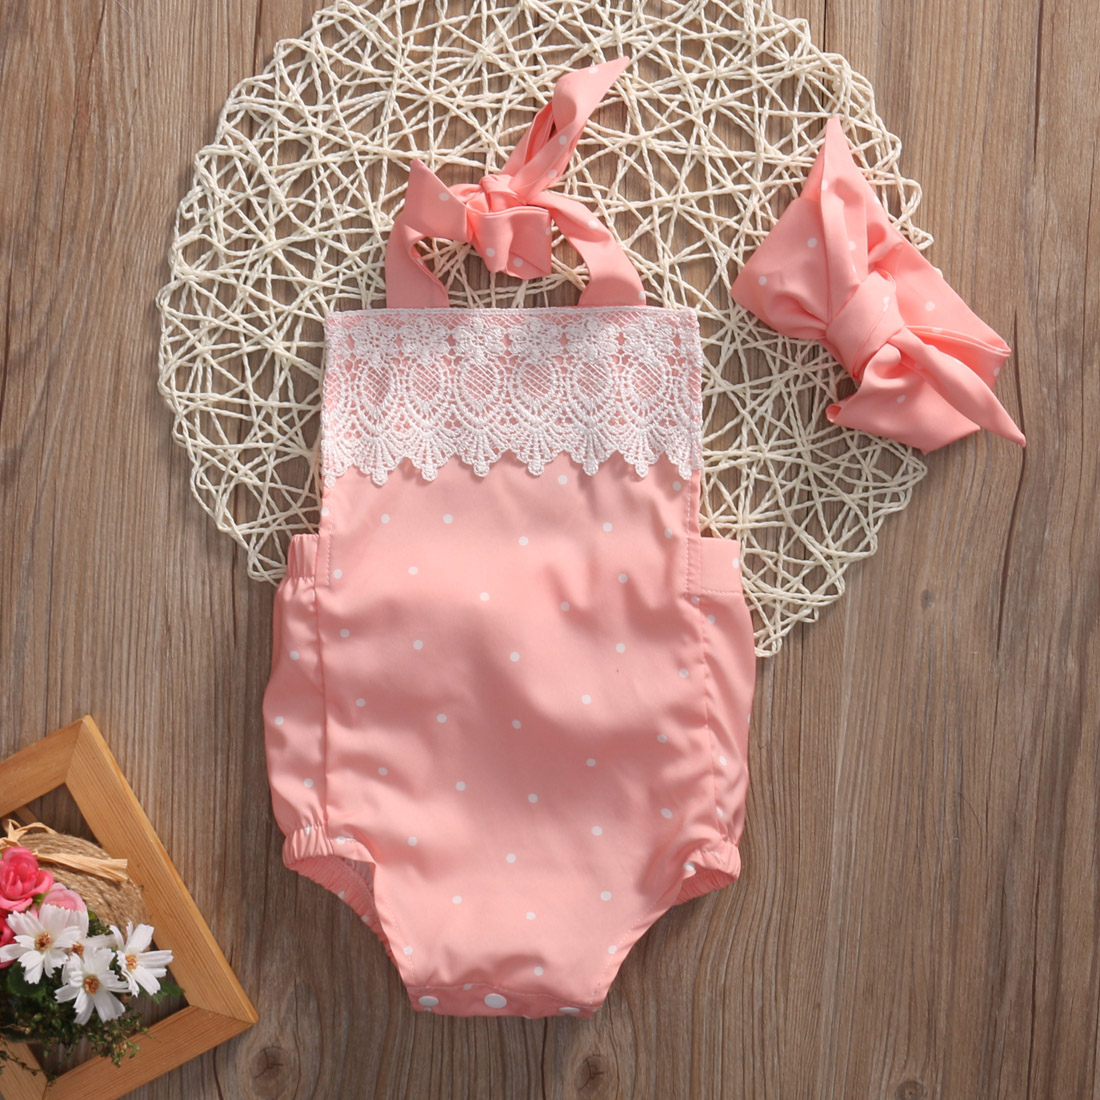 Նորածնի փոքրիկ երեխա Մանկական հագուստի հագուստով անքուն Գեղեցիկ Backless Pink Ruffle Halter Romper Jumpsuit + Headband Baby հանդերձանքով